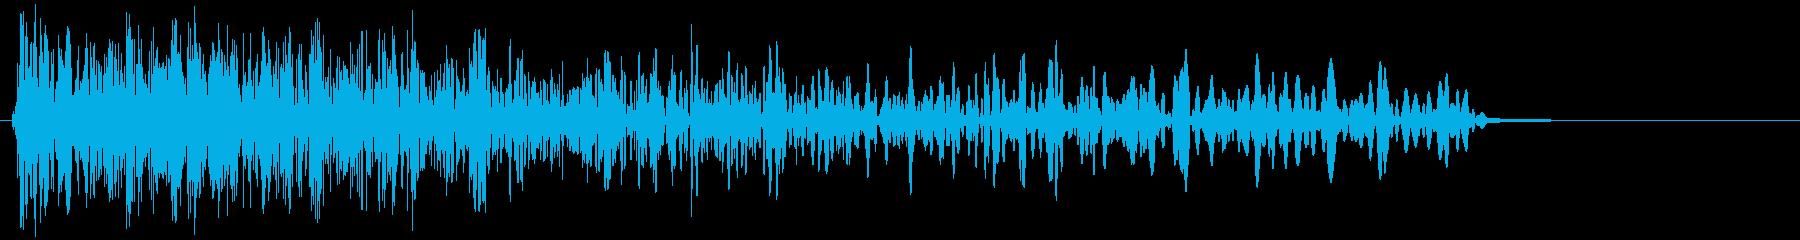 フルストップの再生済みの波形